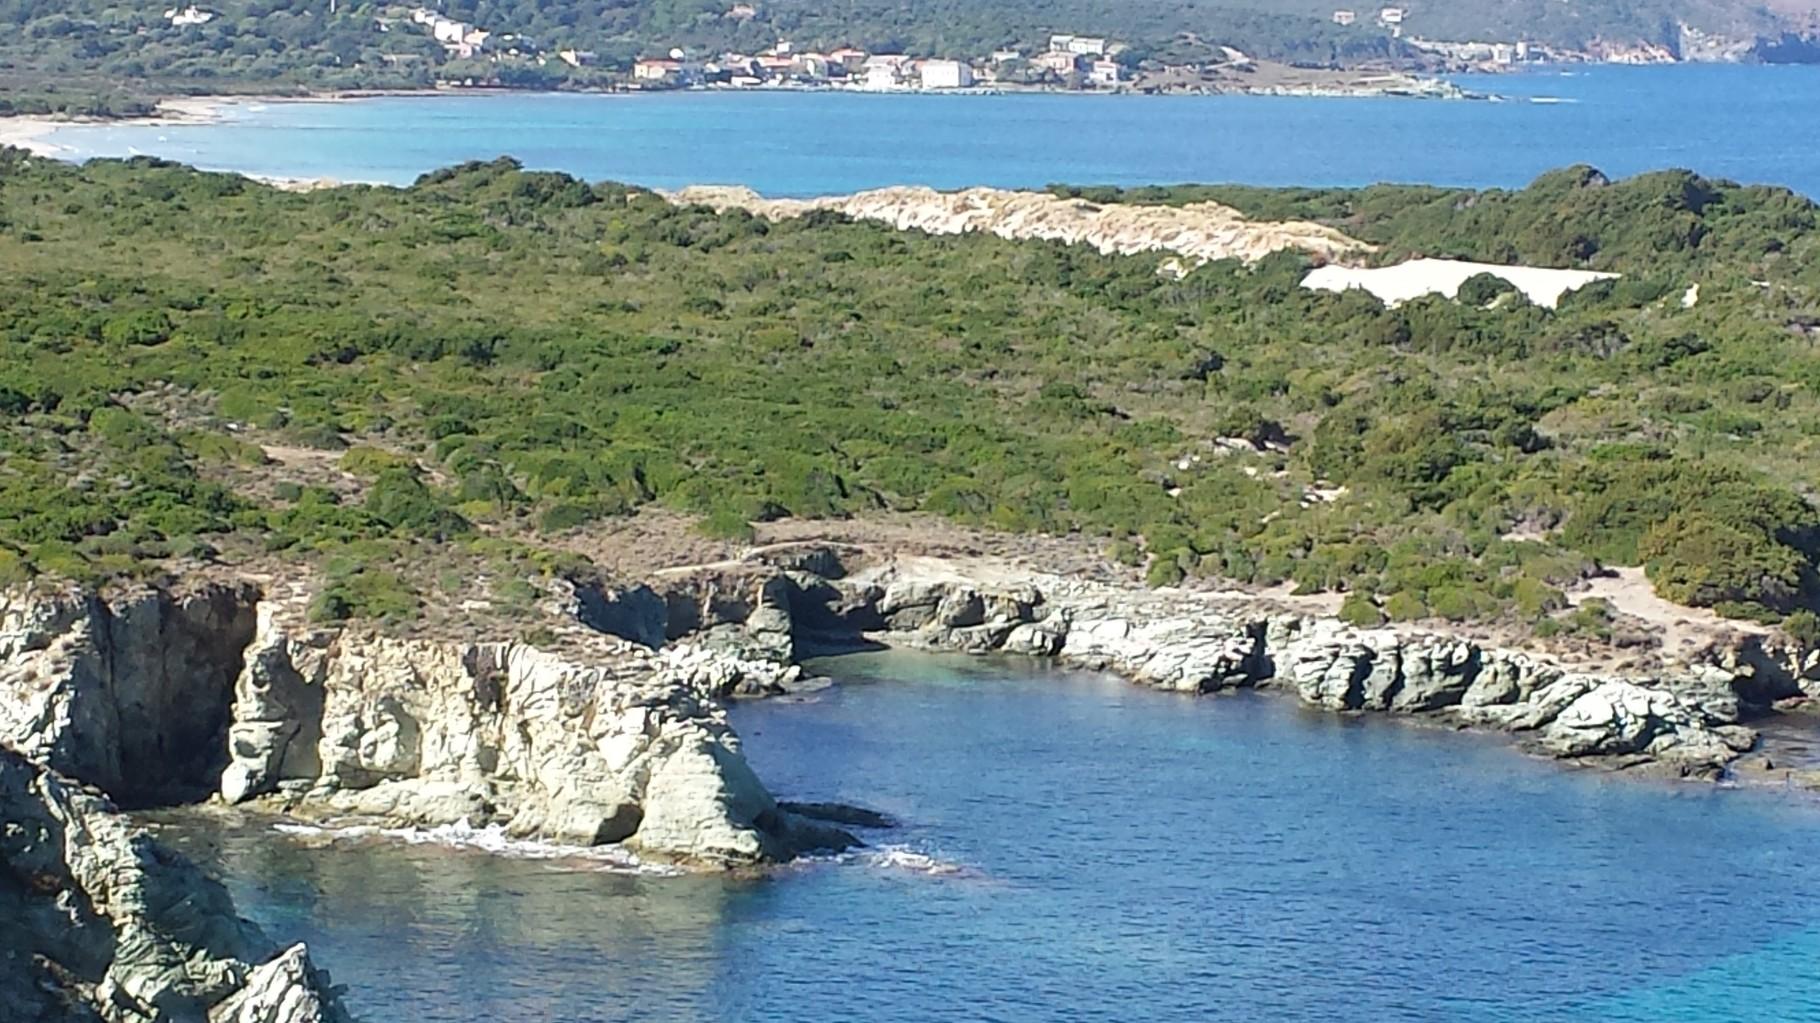 Barcaghju, Cap Corse